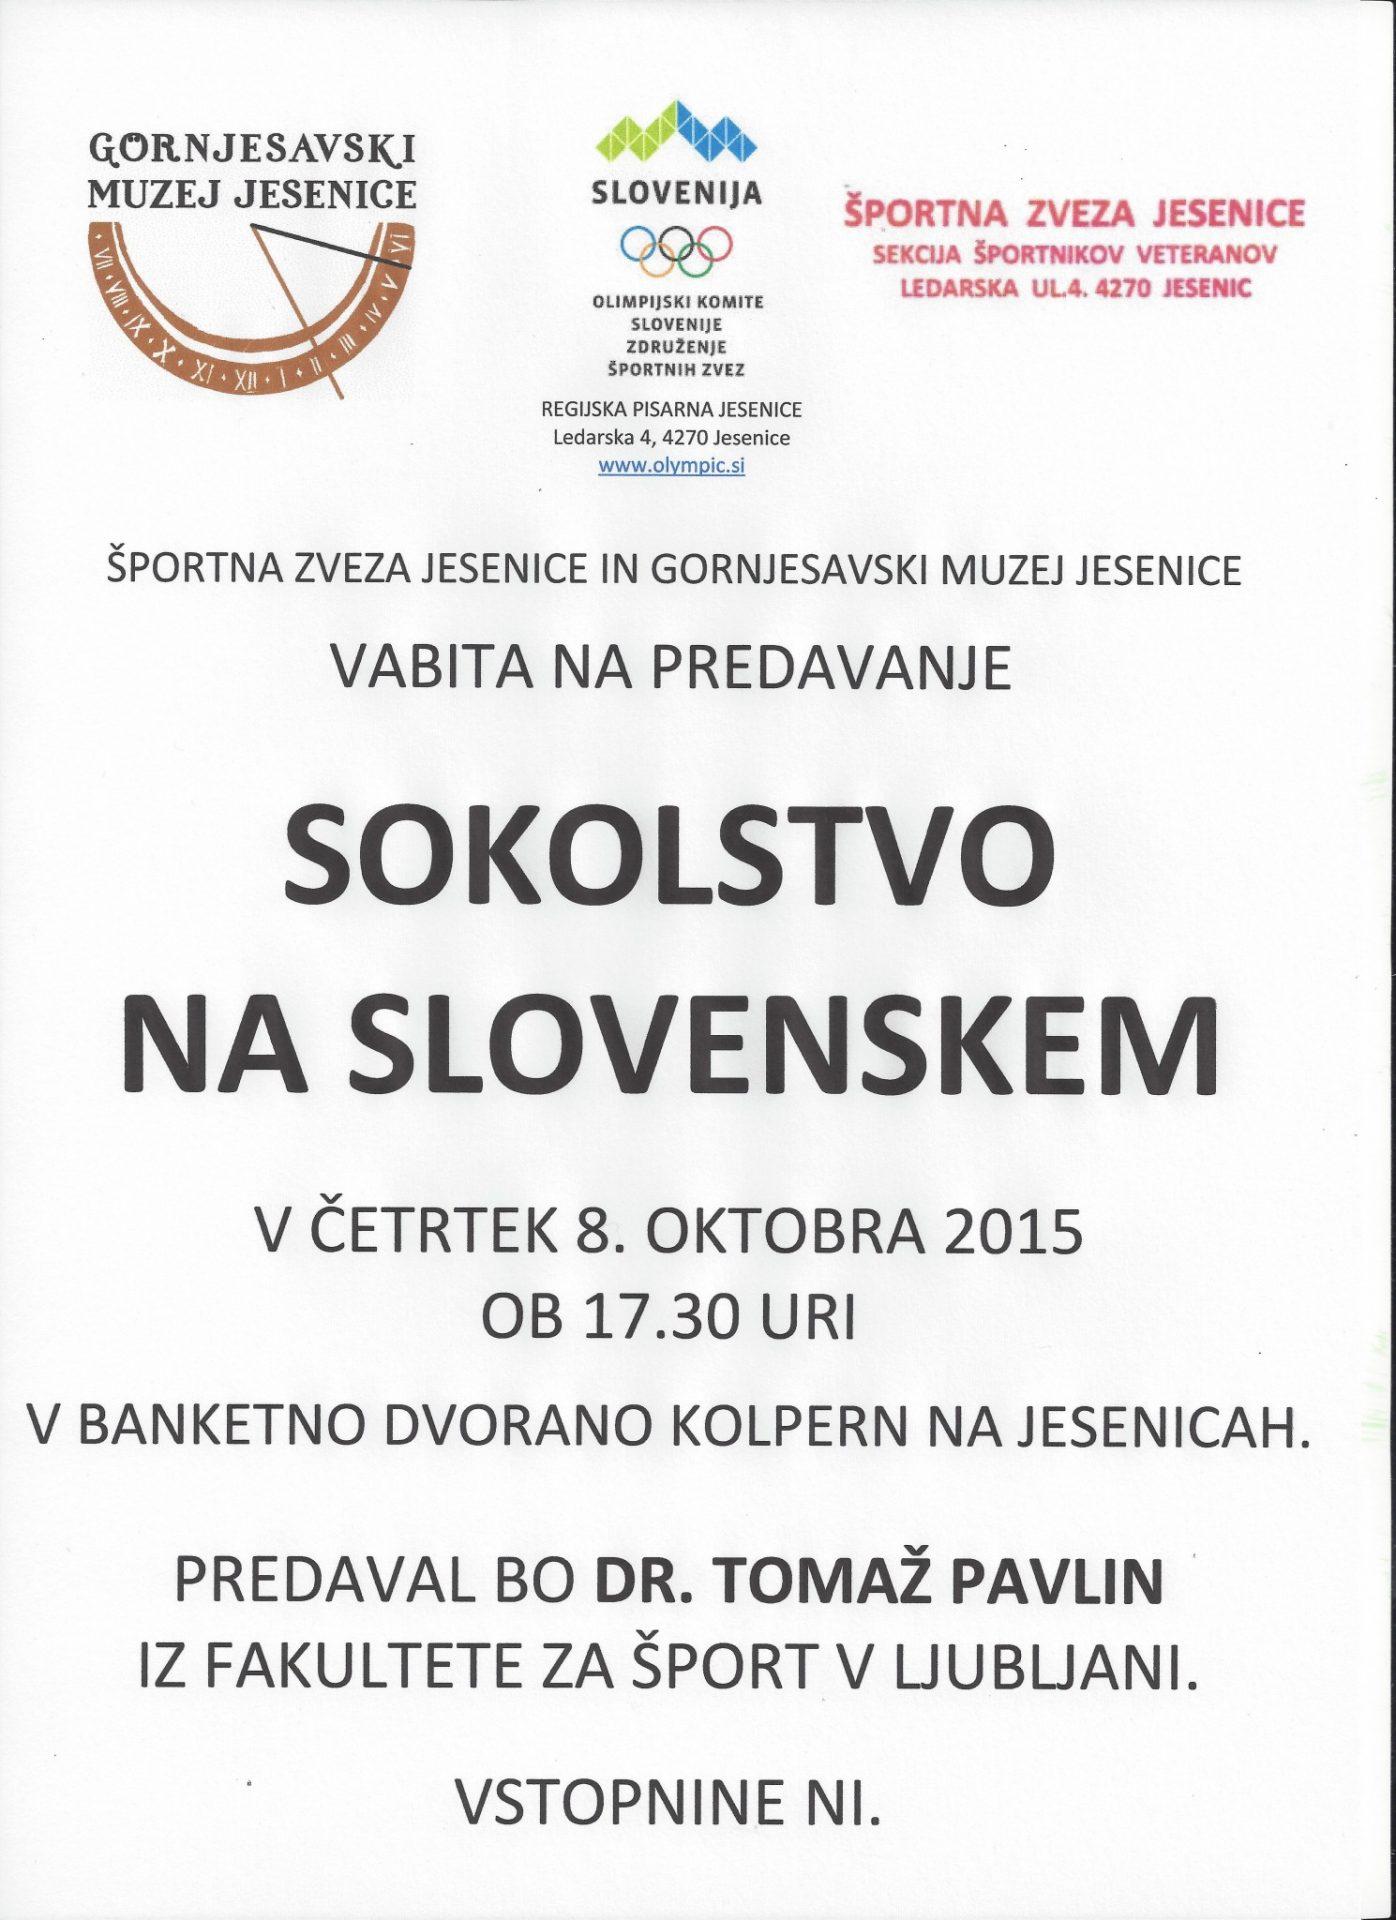 Sokolstvo na Slovenskem (1)